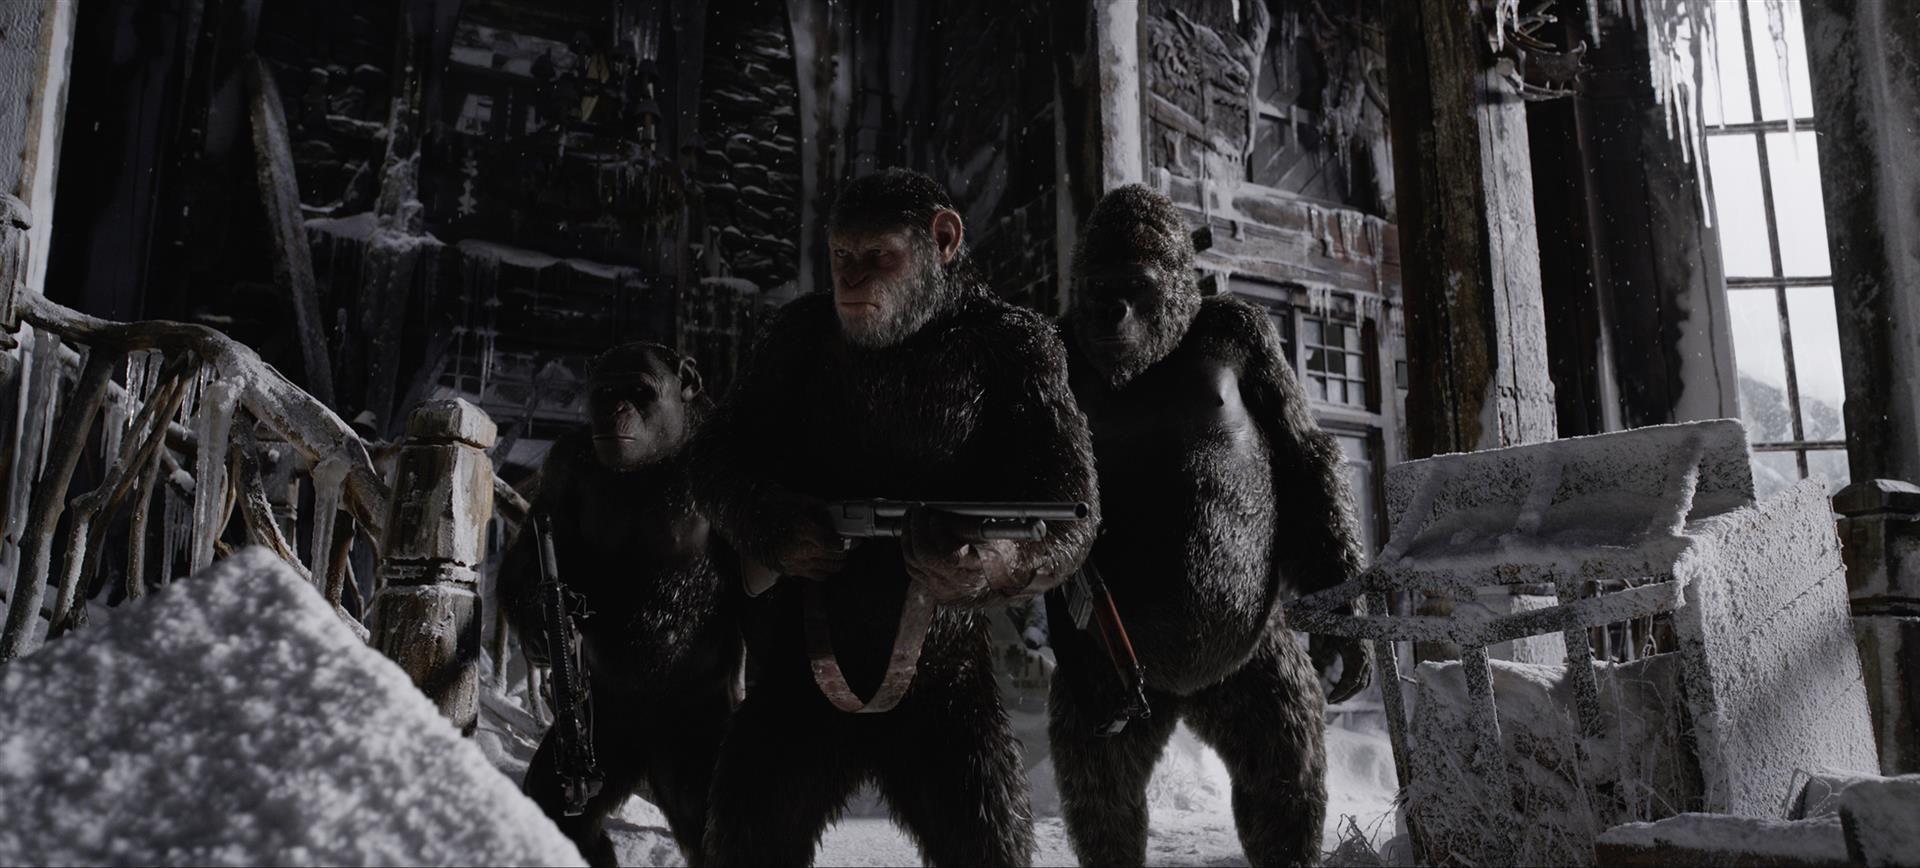 Imagen 4 de La Guerra del Planeta de los Simios